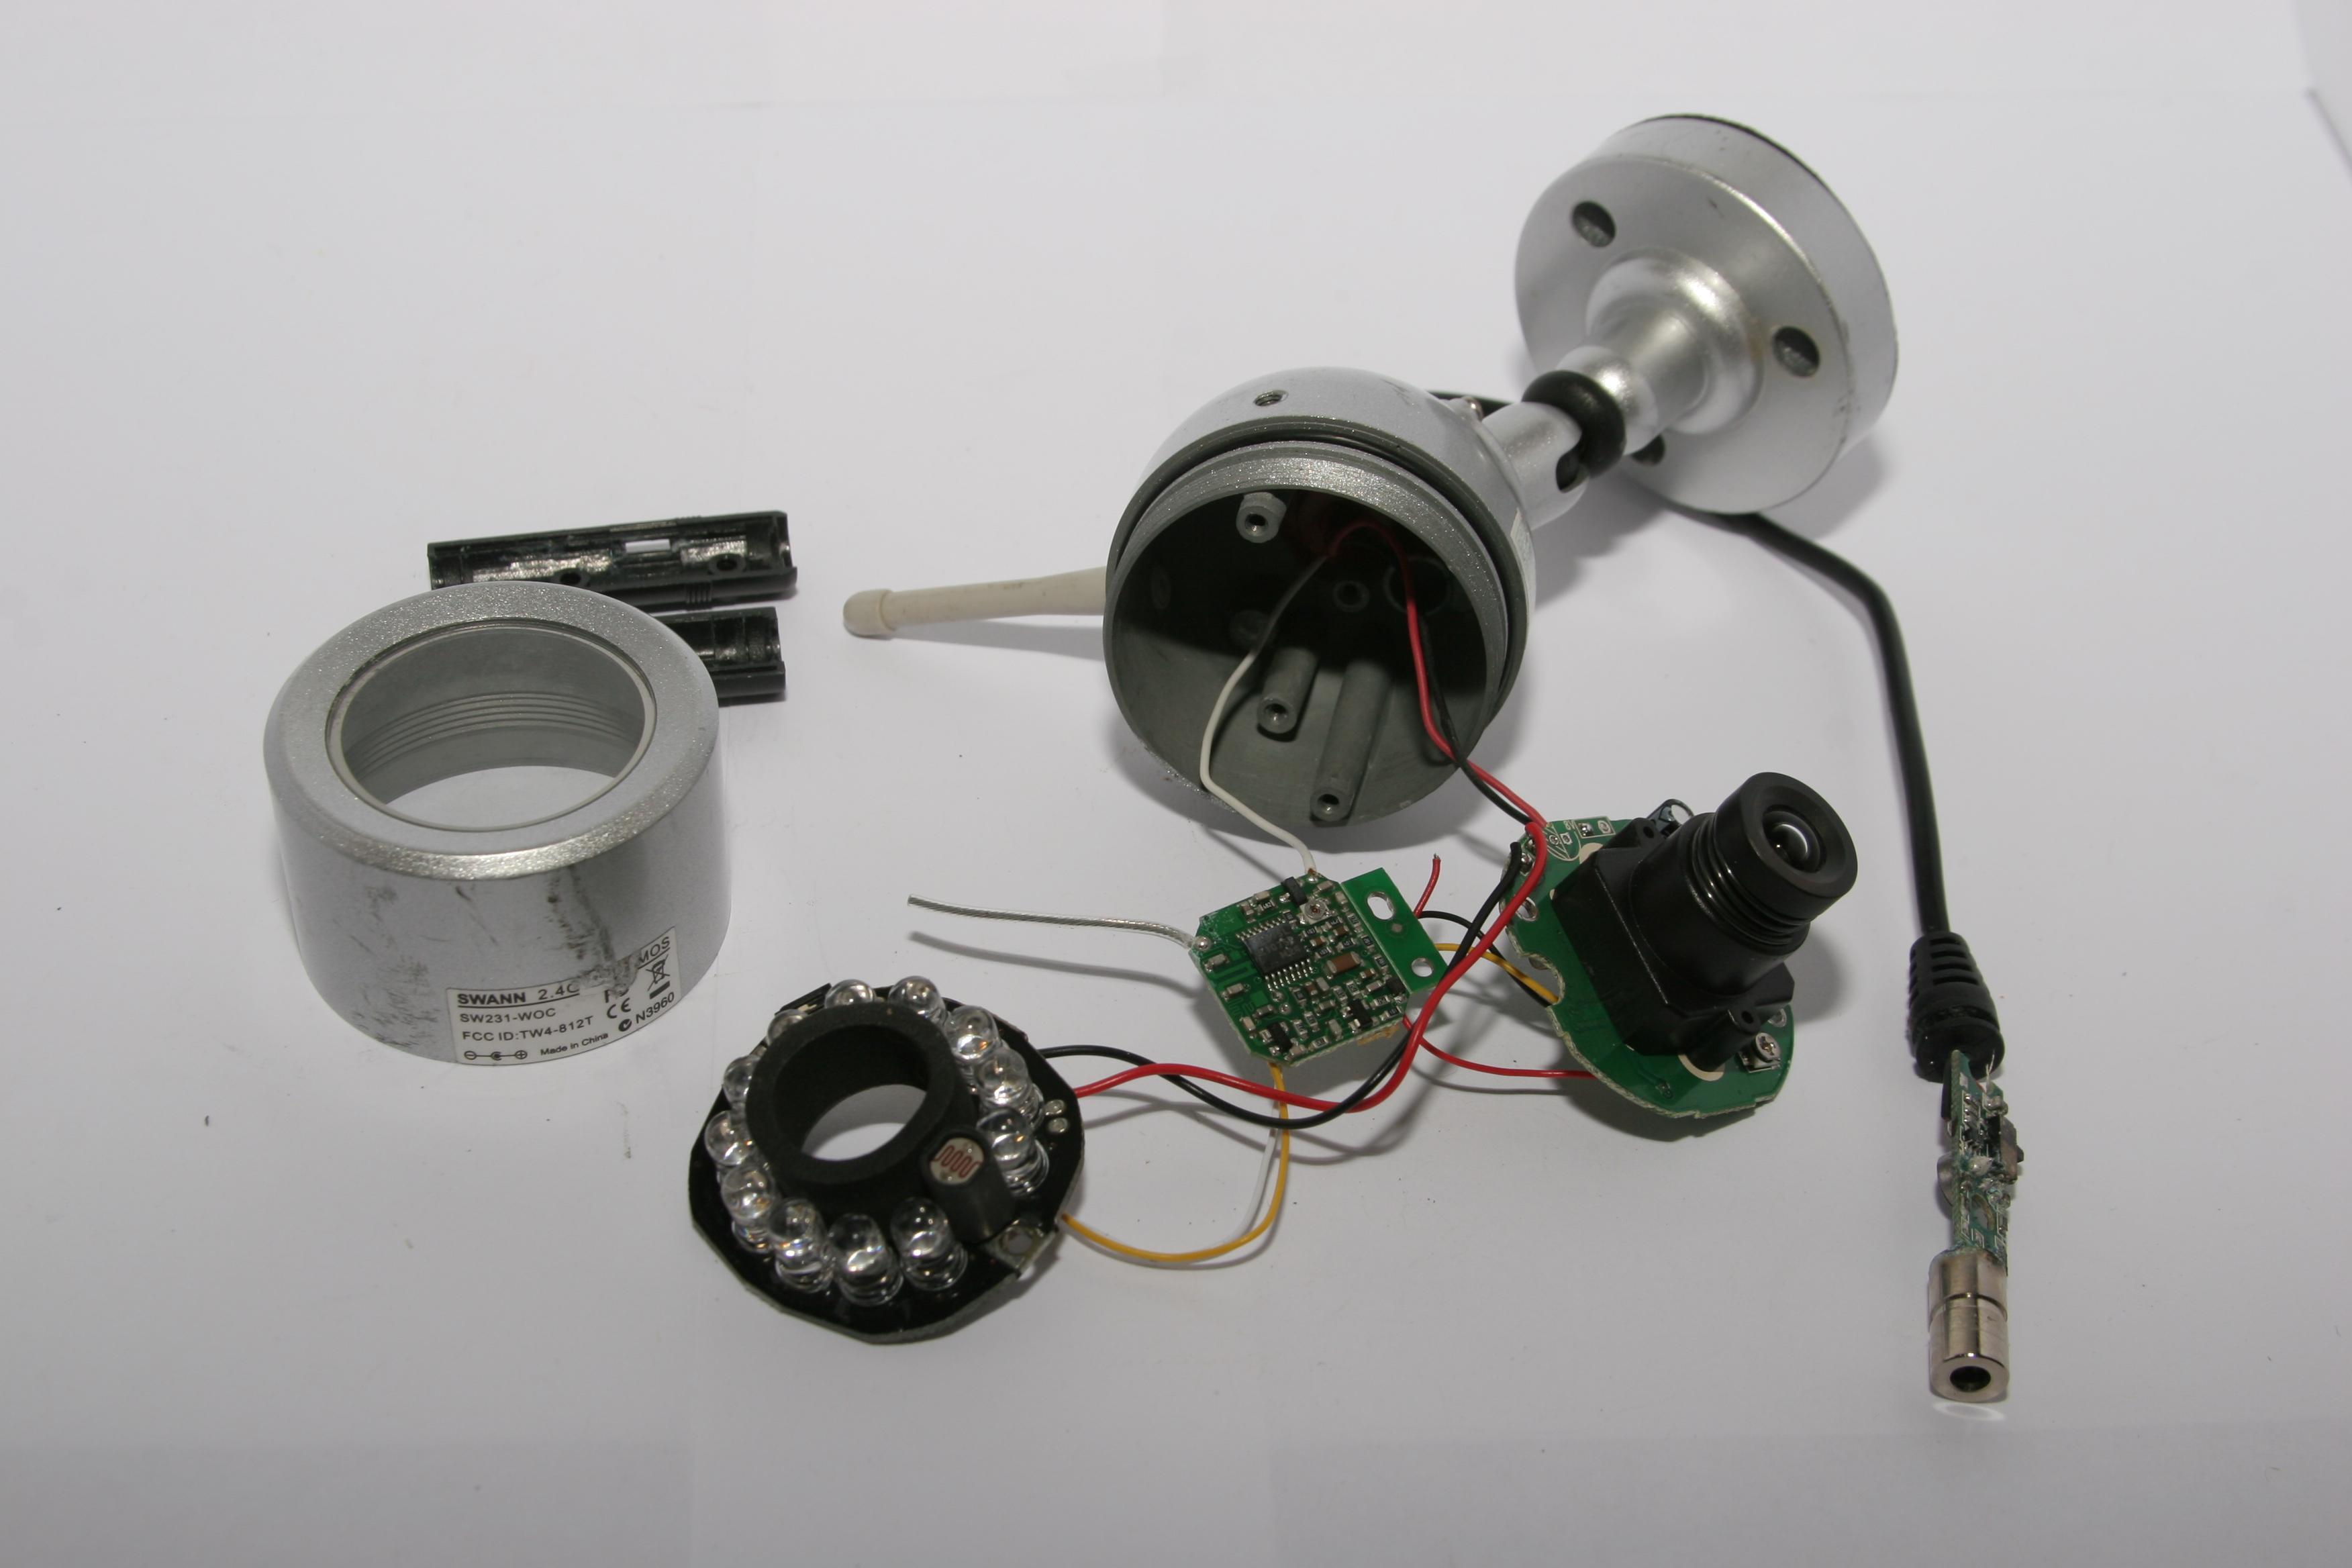 security camera wiring diagram flat 4 trailer plug teardown swann night hawk wireless